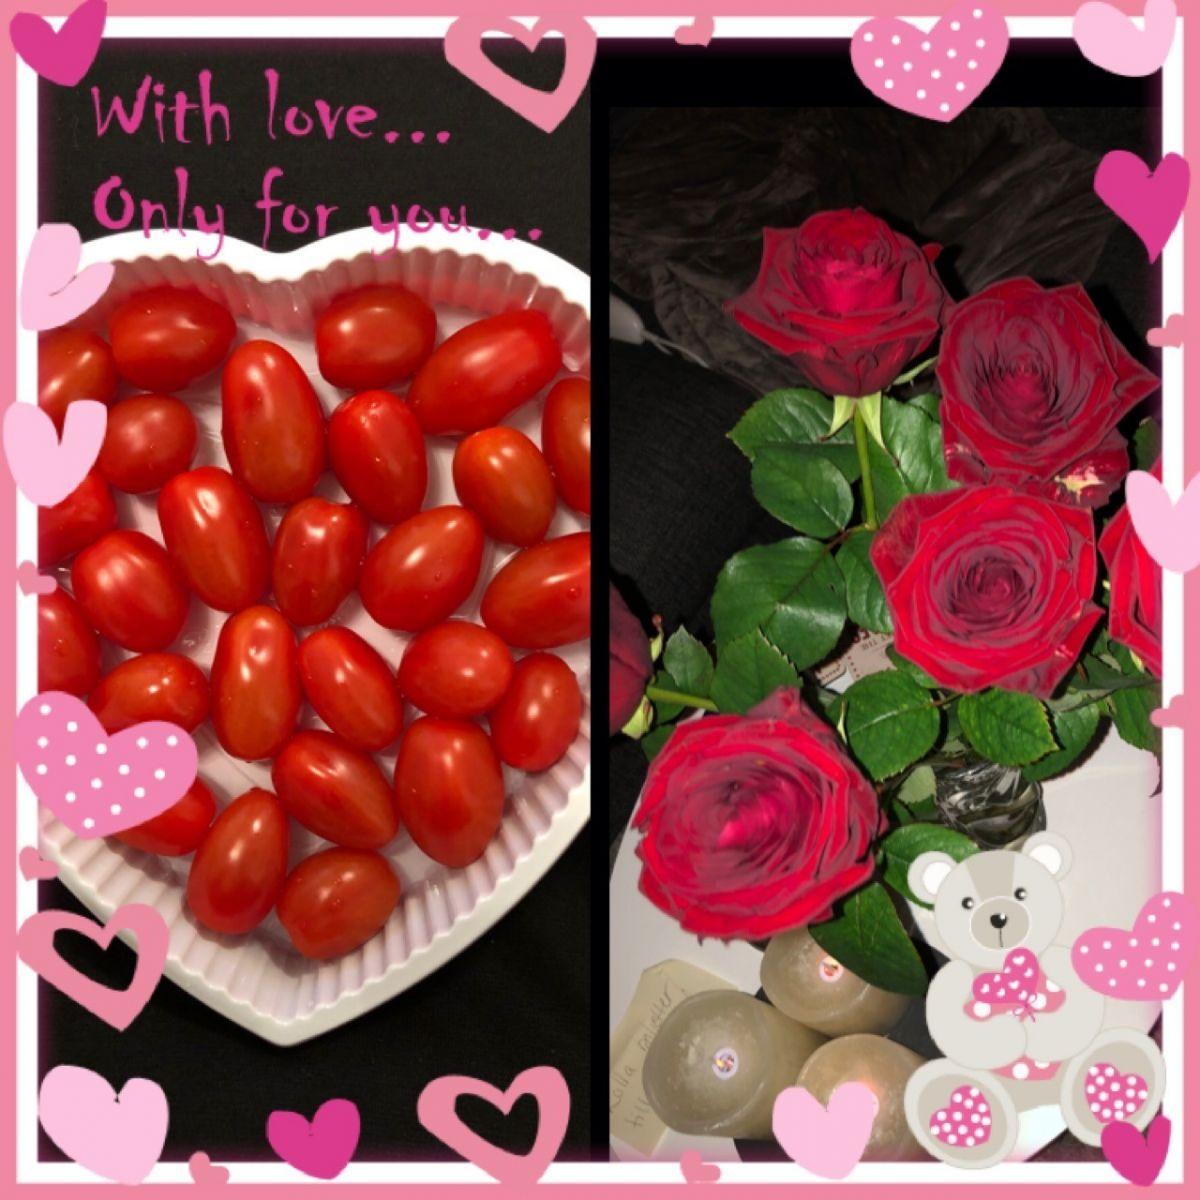 Tomater i hjärtformad ask och röda rosor